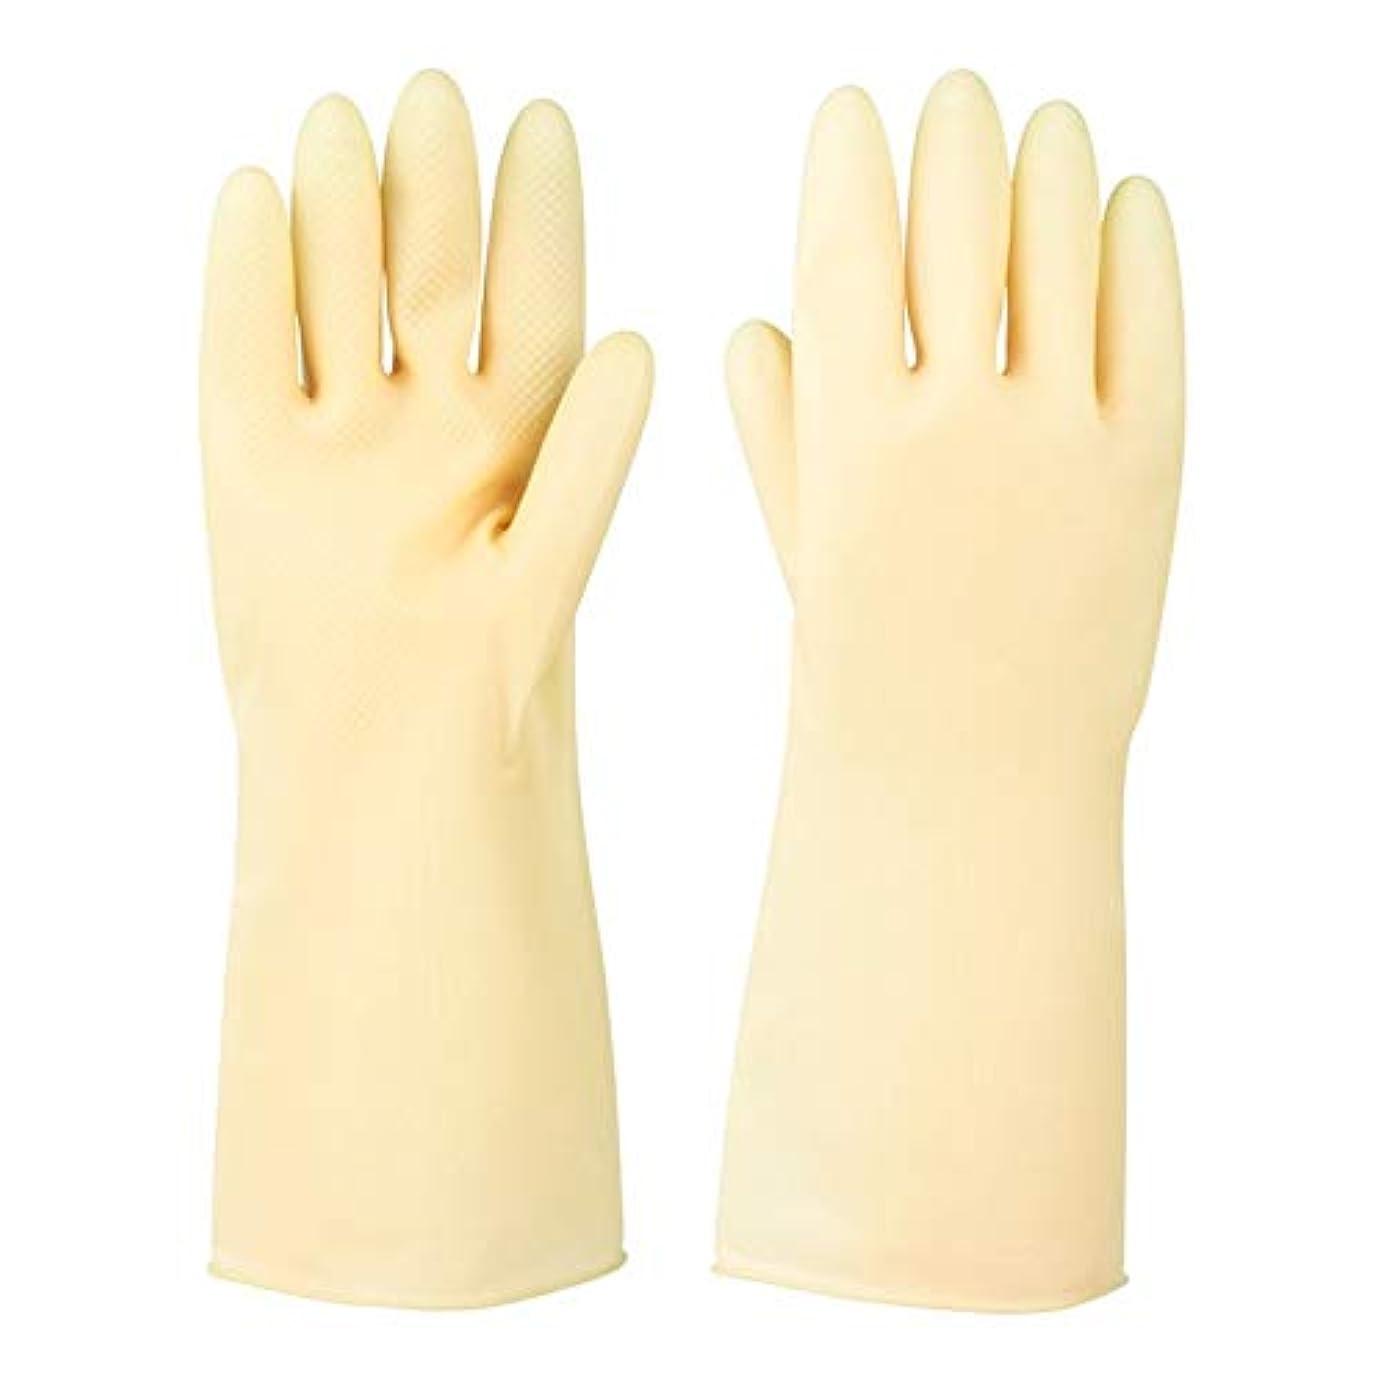 引数テスト実験をするニトリルゴム手袋 ラバーレザーグローブ厚めの滑り止め耐摩耗性防水保護手袋、5ペア 使い捨て手袋 (Color : 5 pair, Size : S)